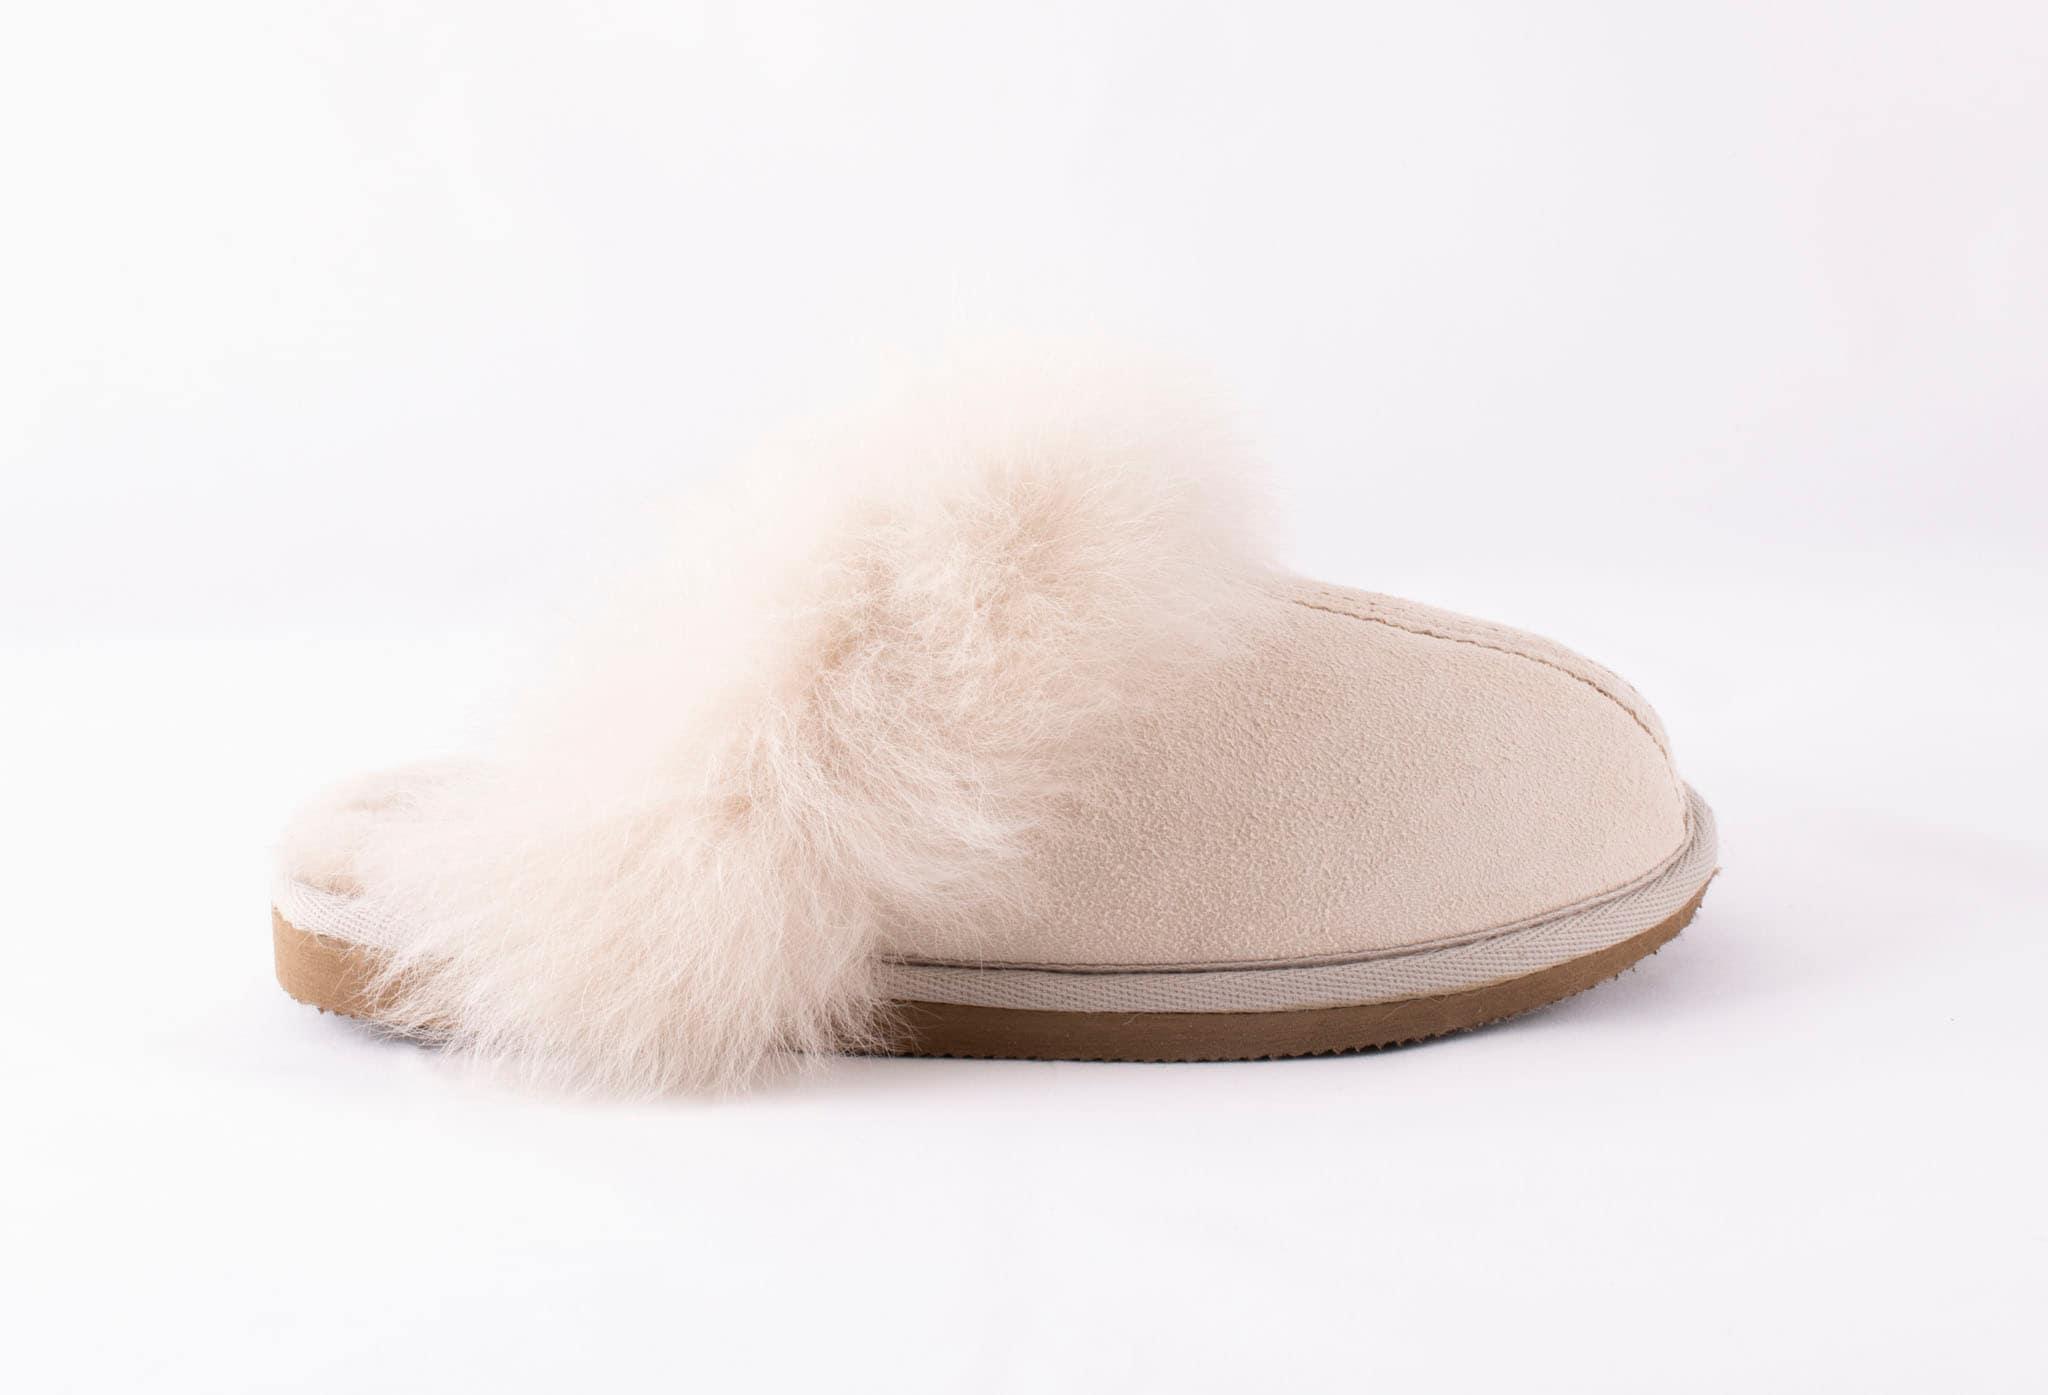 Evelina slippers